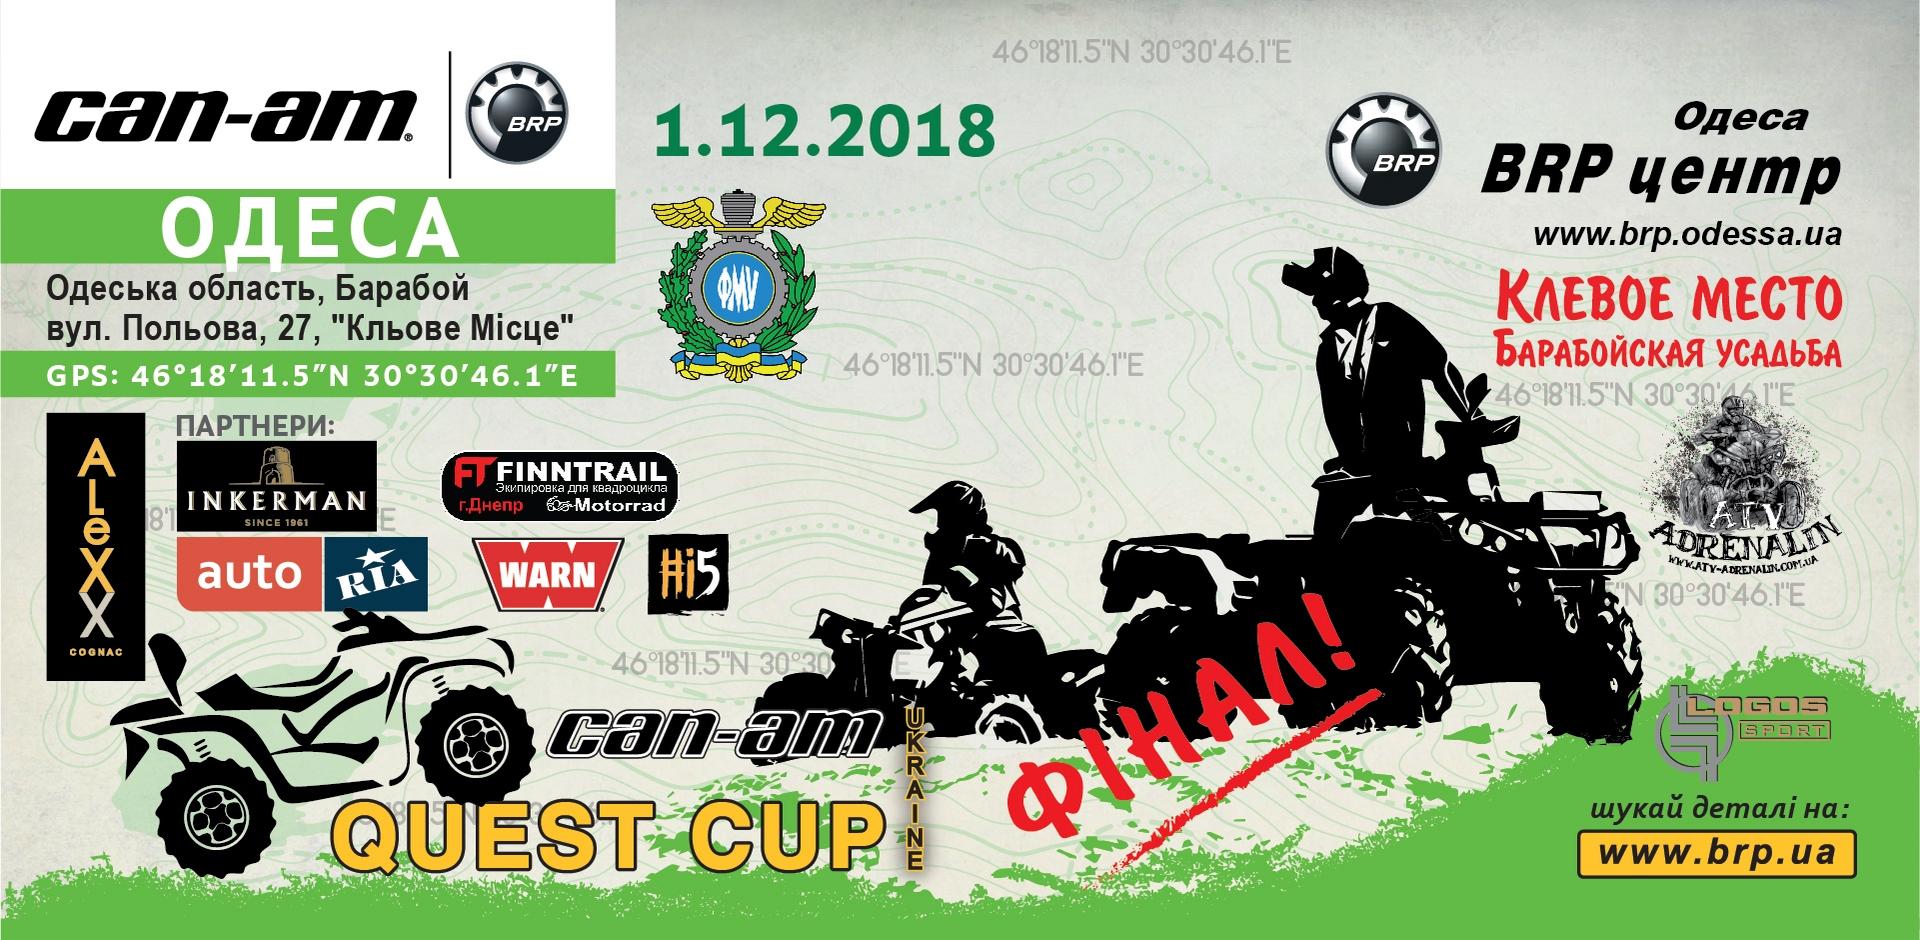 Серія «CAN-AM QUEST CUP 2018». 10-й етап. Фінал. 1 грудня. Одеса.